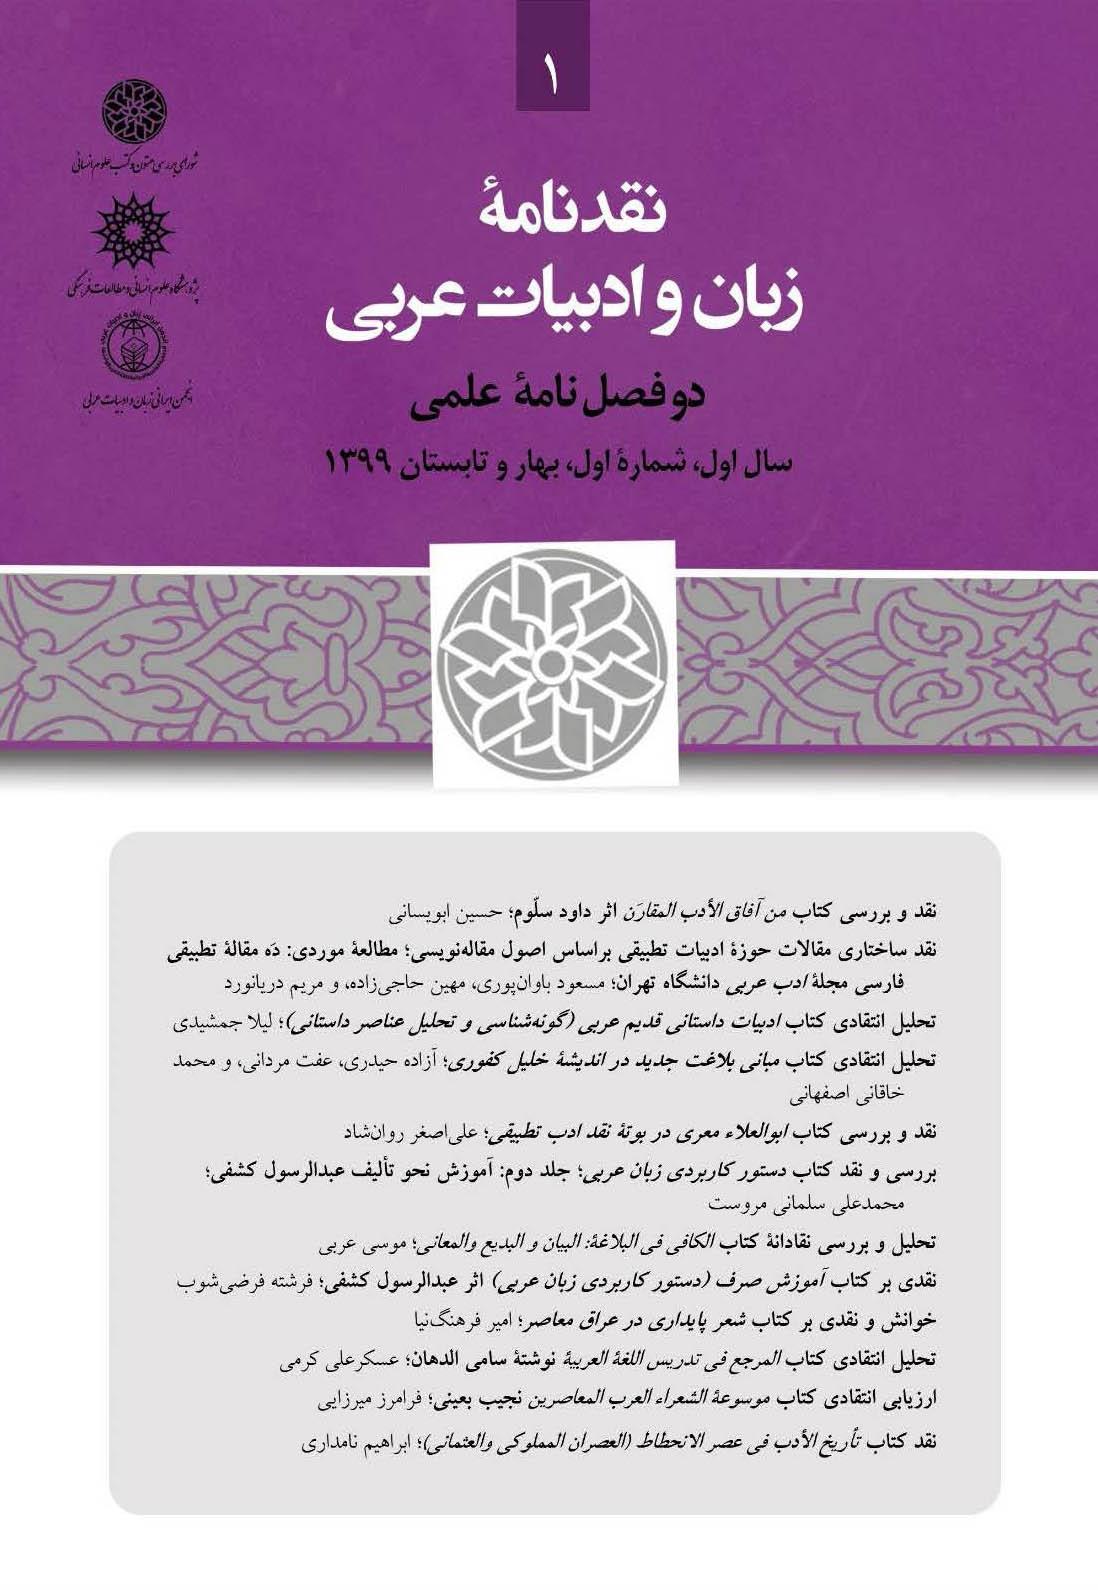 مجله نقدنامه زبان و ادبیات عربی (دو فصلنامه)